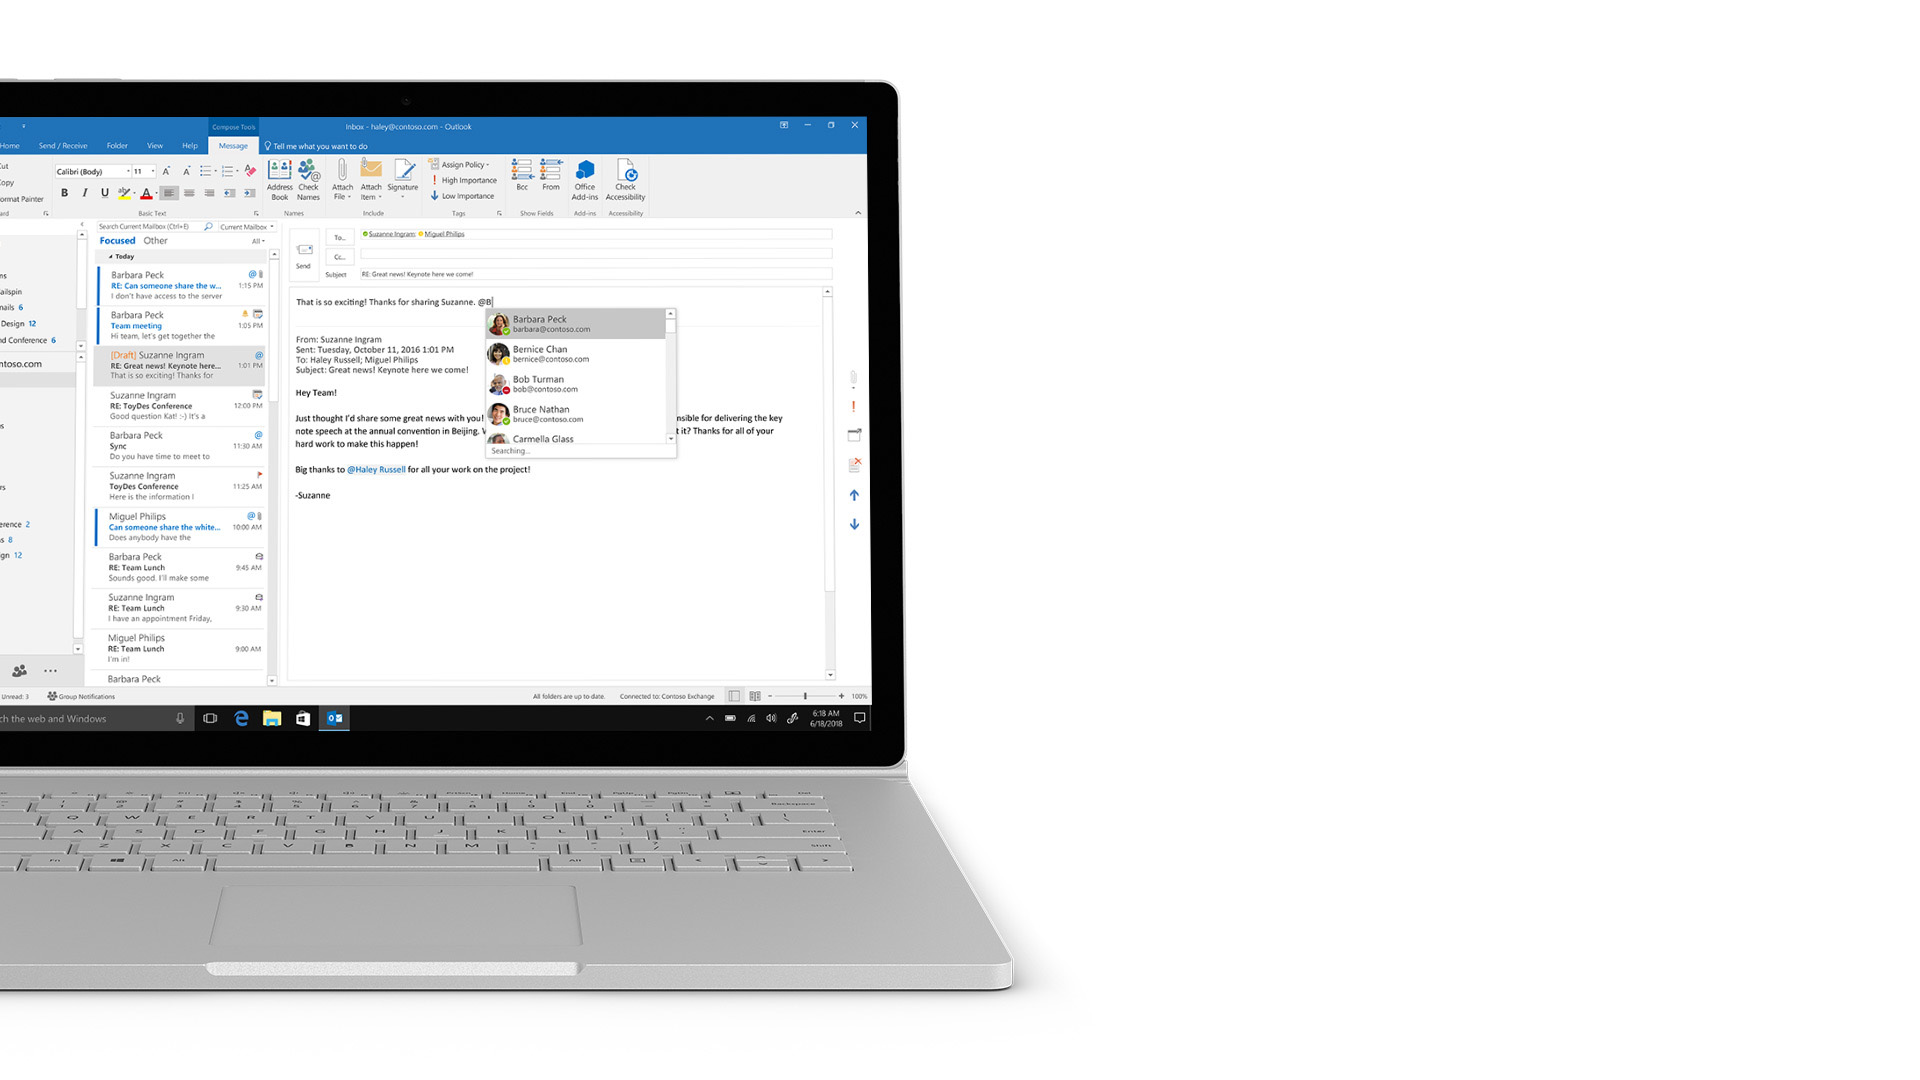 Zrzut ekranu programu Outlook na urządzeniu Surface.